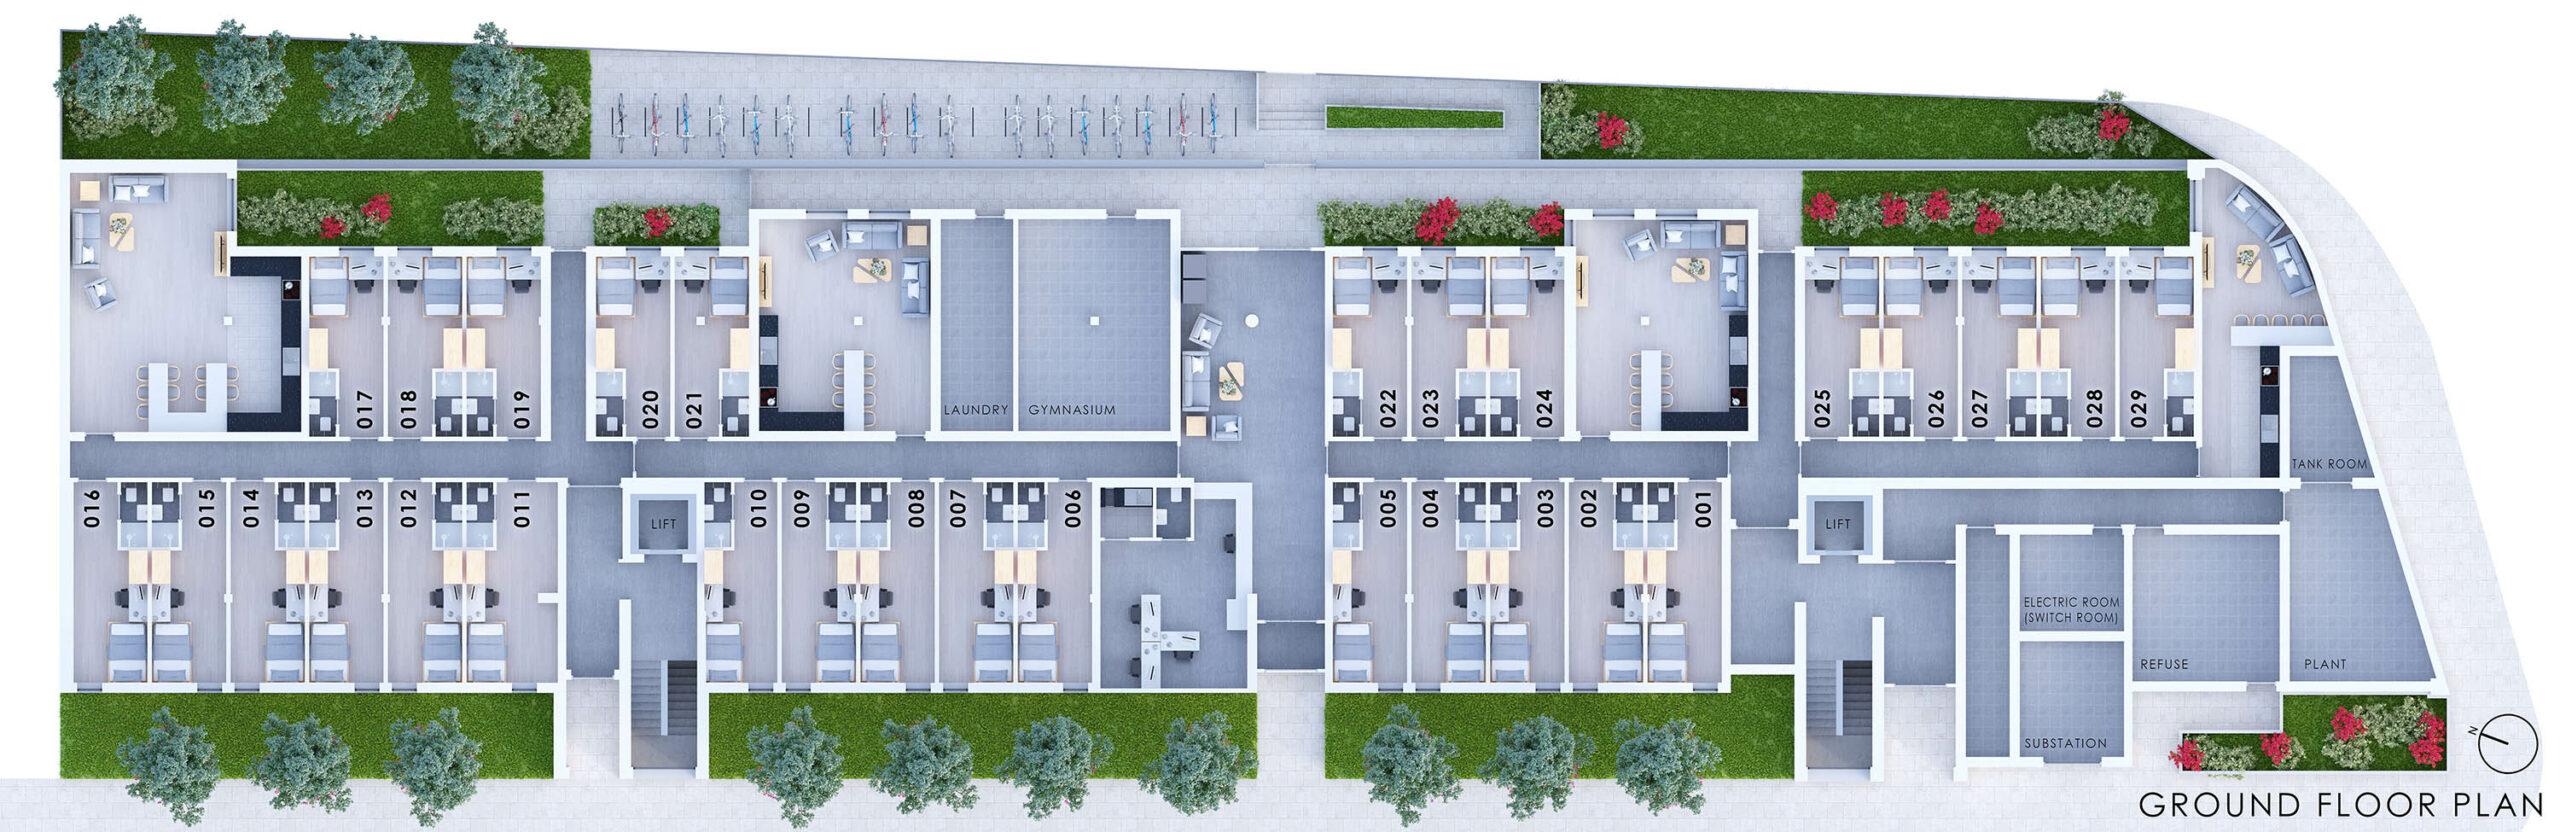 City Point Ground Floor Plan